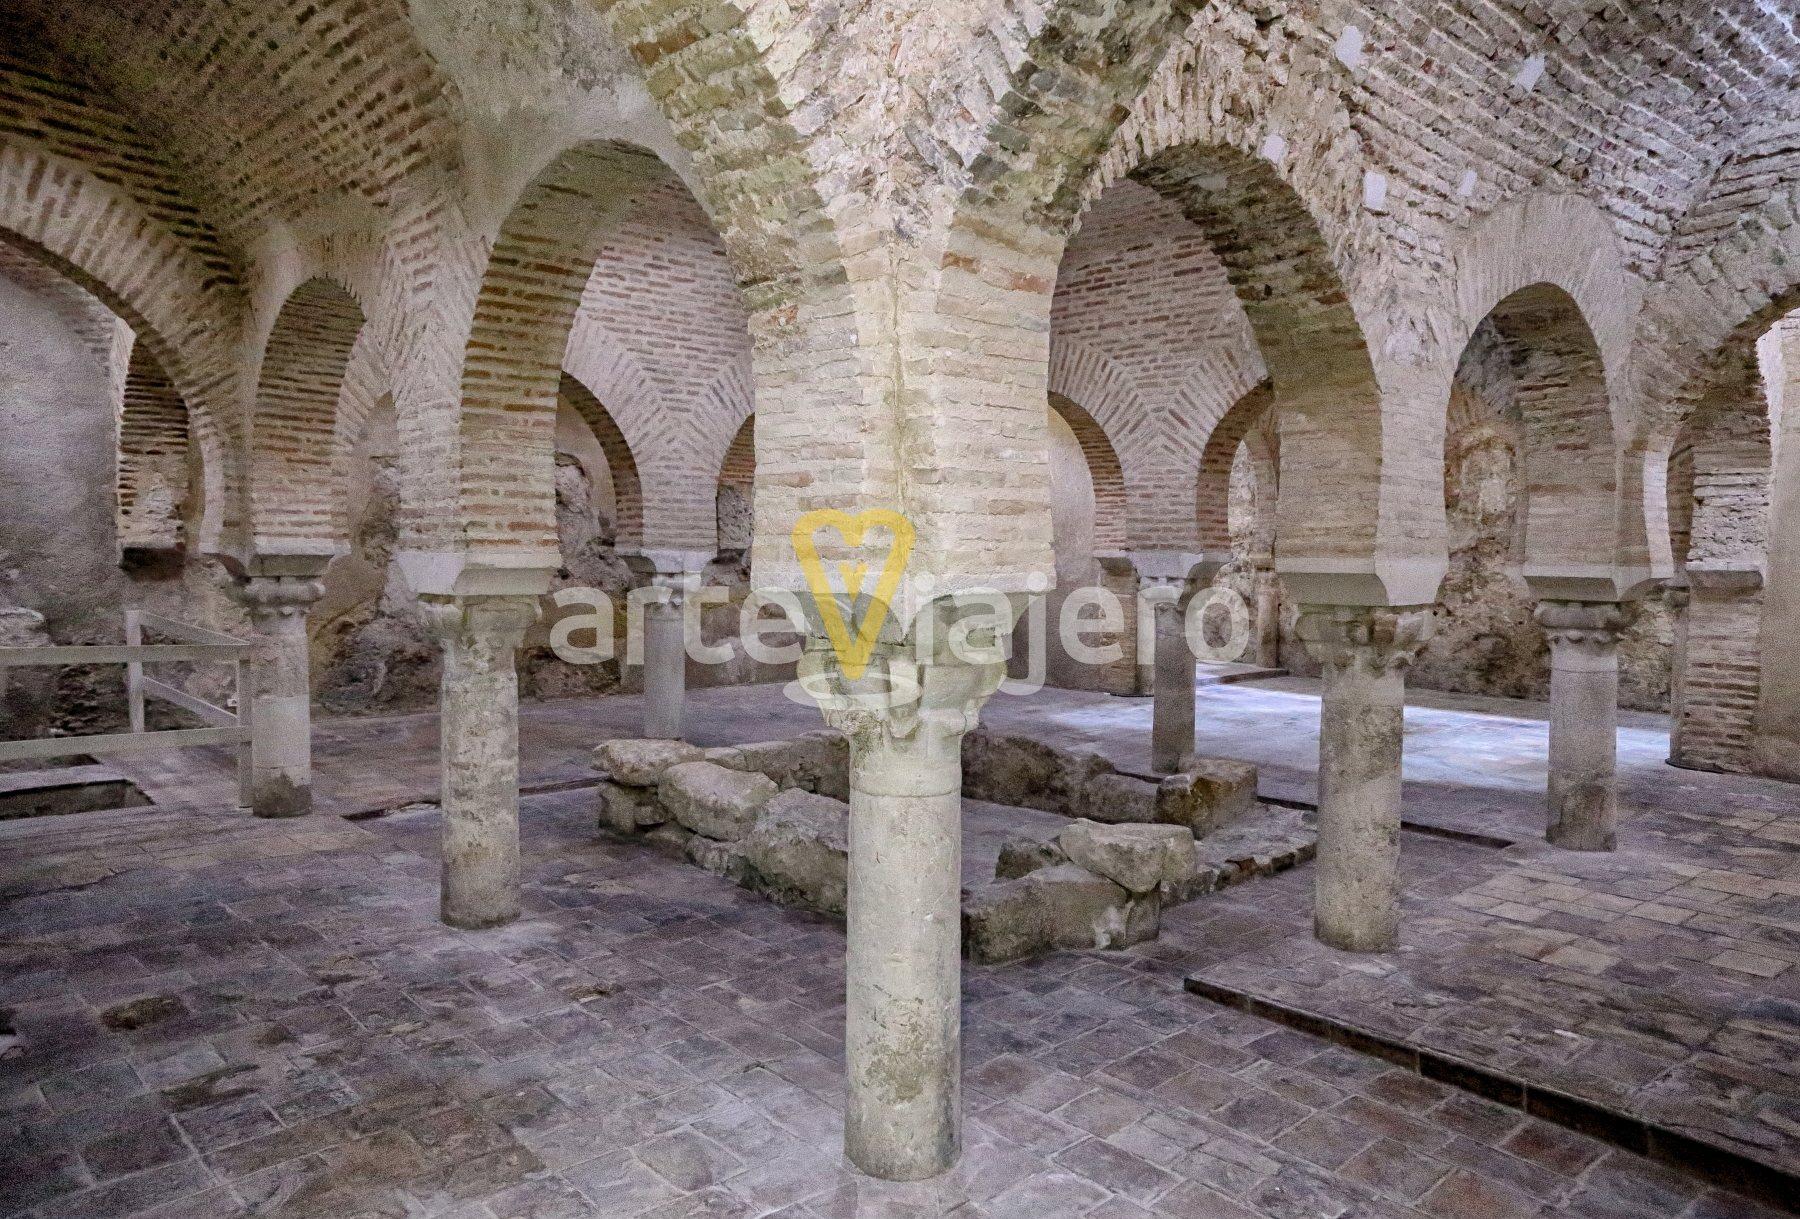 baños árabes de jaén, palacio de villardompardo